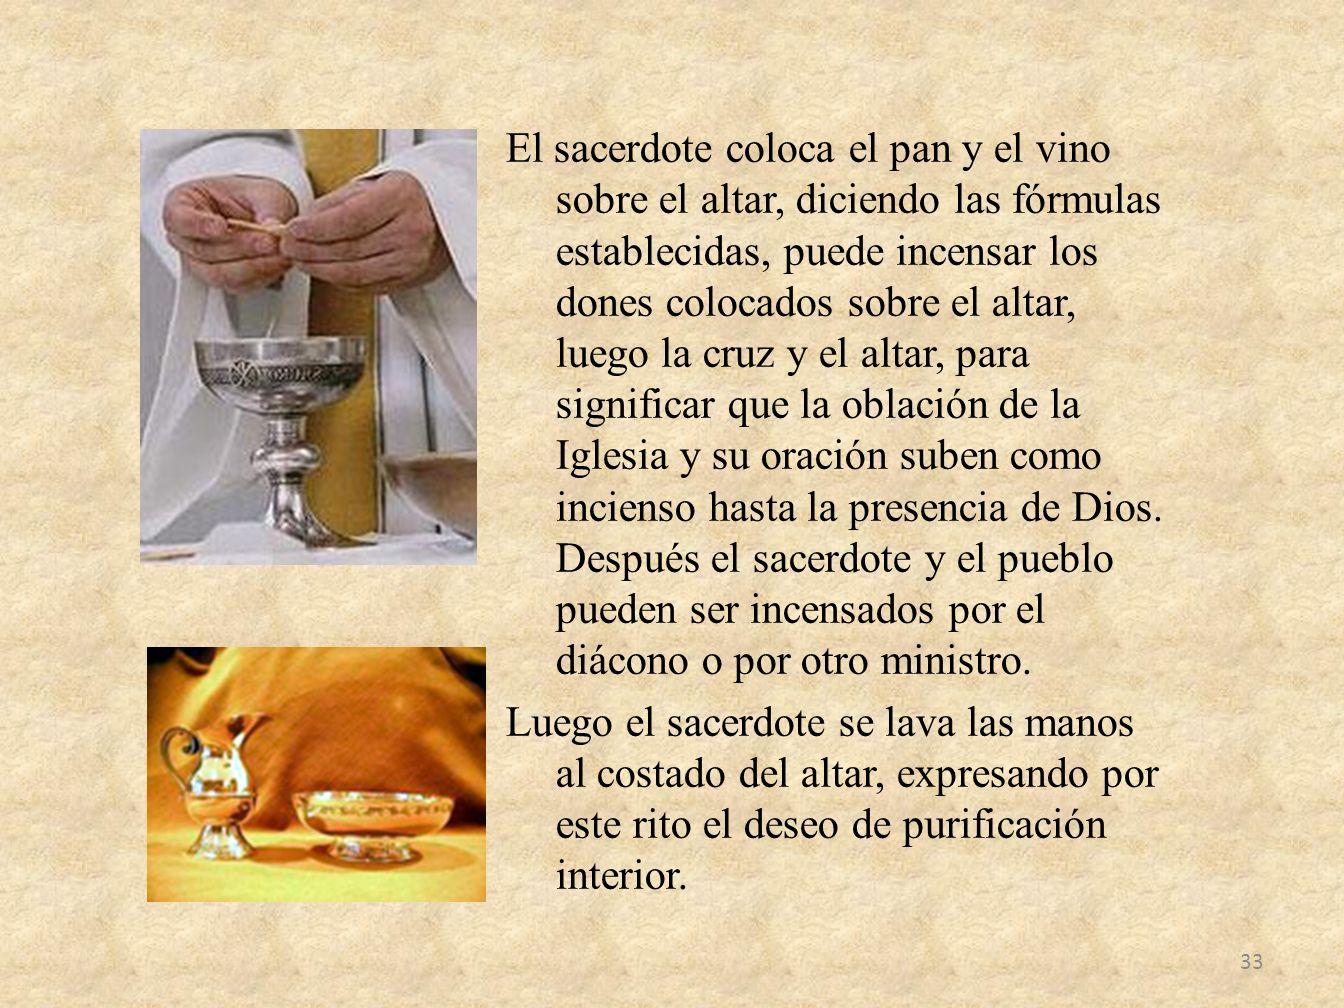 El sacerdote coloca el pan y el vino sobre el altar, diciendo las fórmulas establecidas, puede incensar los dones colocados sobre el altar, luego la cruz y el altar, para significar que la oblación de la Iglesia y su oración suben como incienso hasta la presencia de Dios.